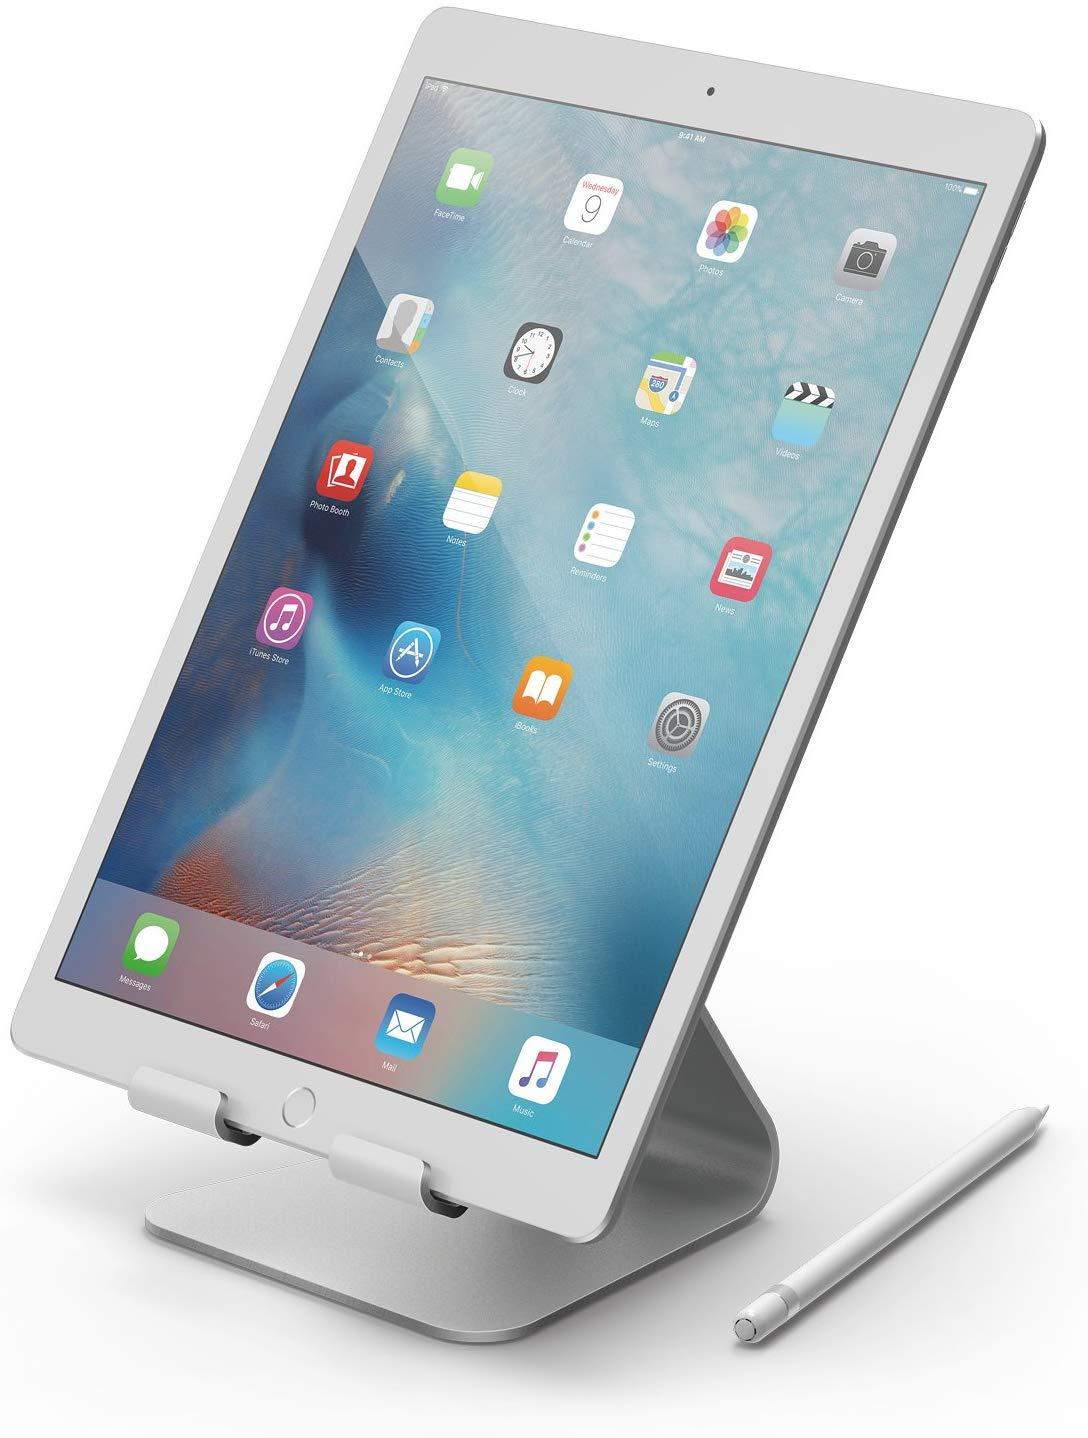 Best Accessories for Apple iPad Pro 2018 5. Elago Desktop Stand